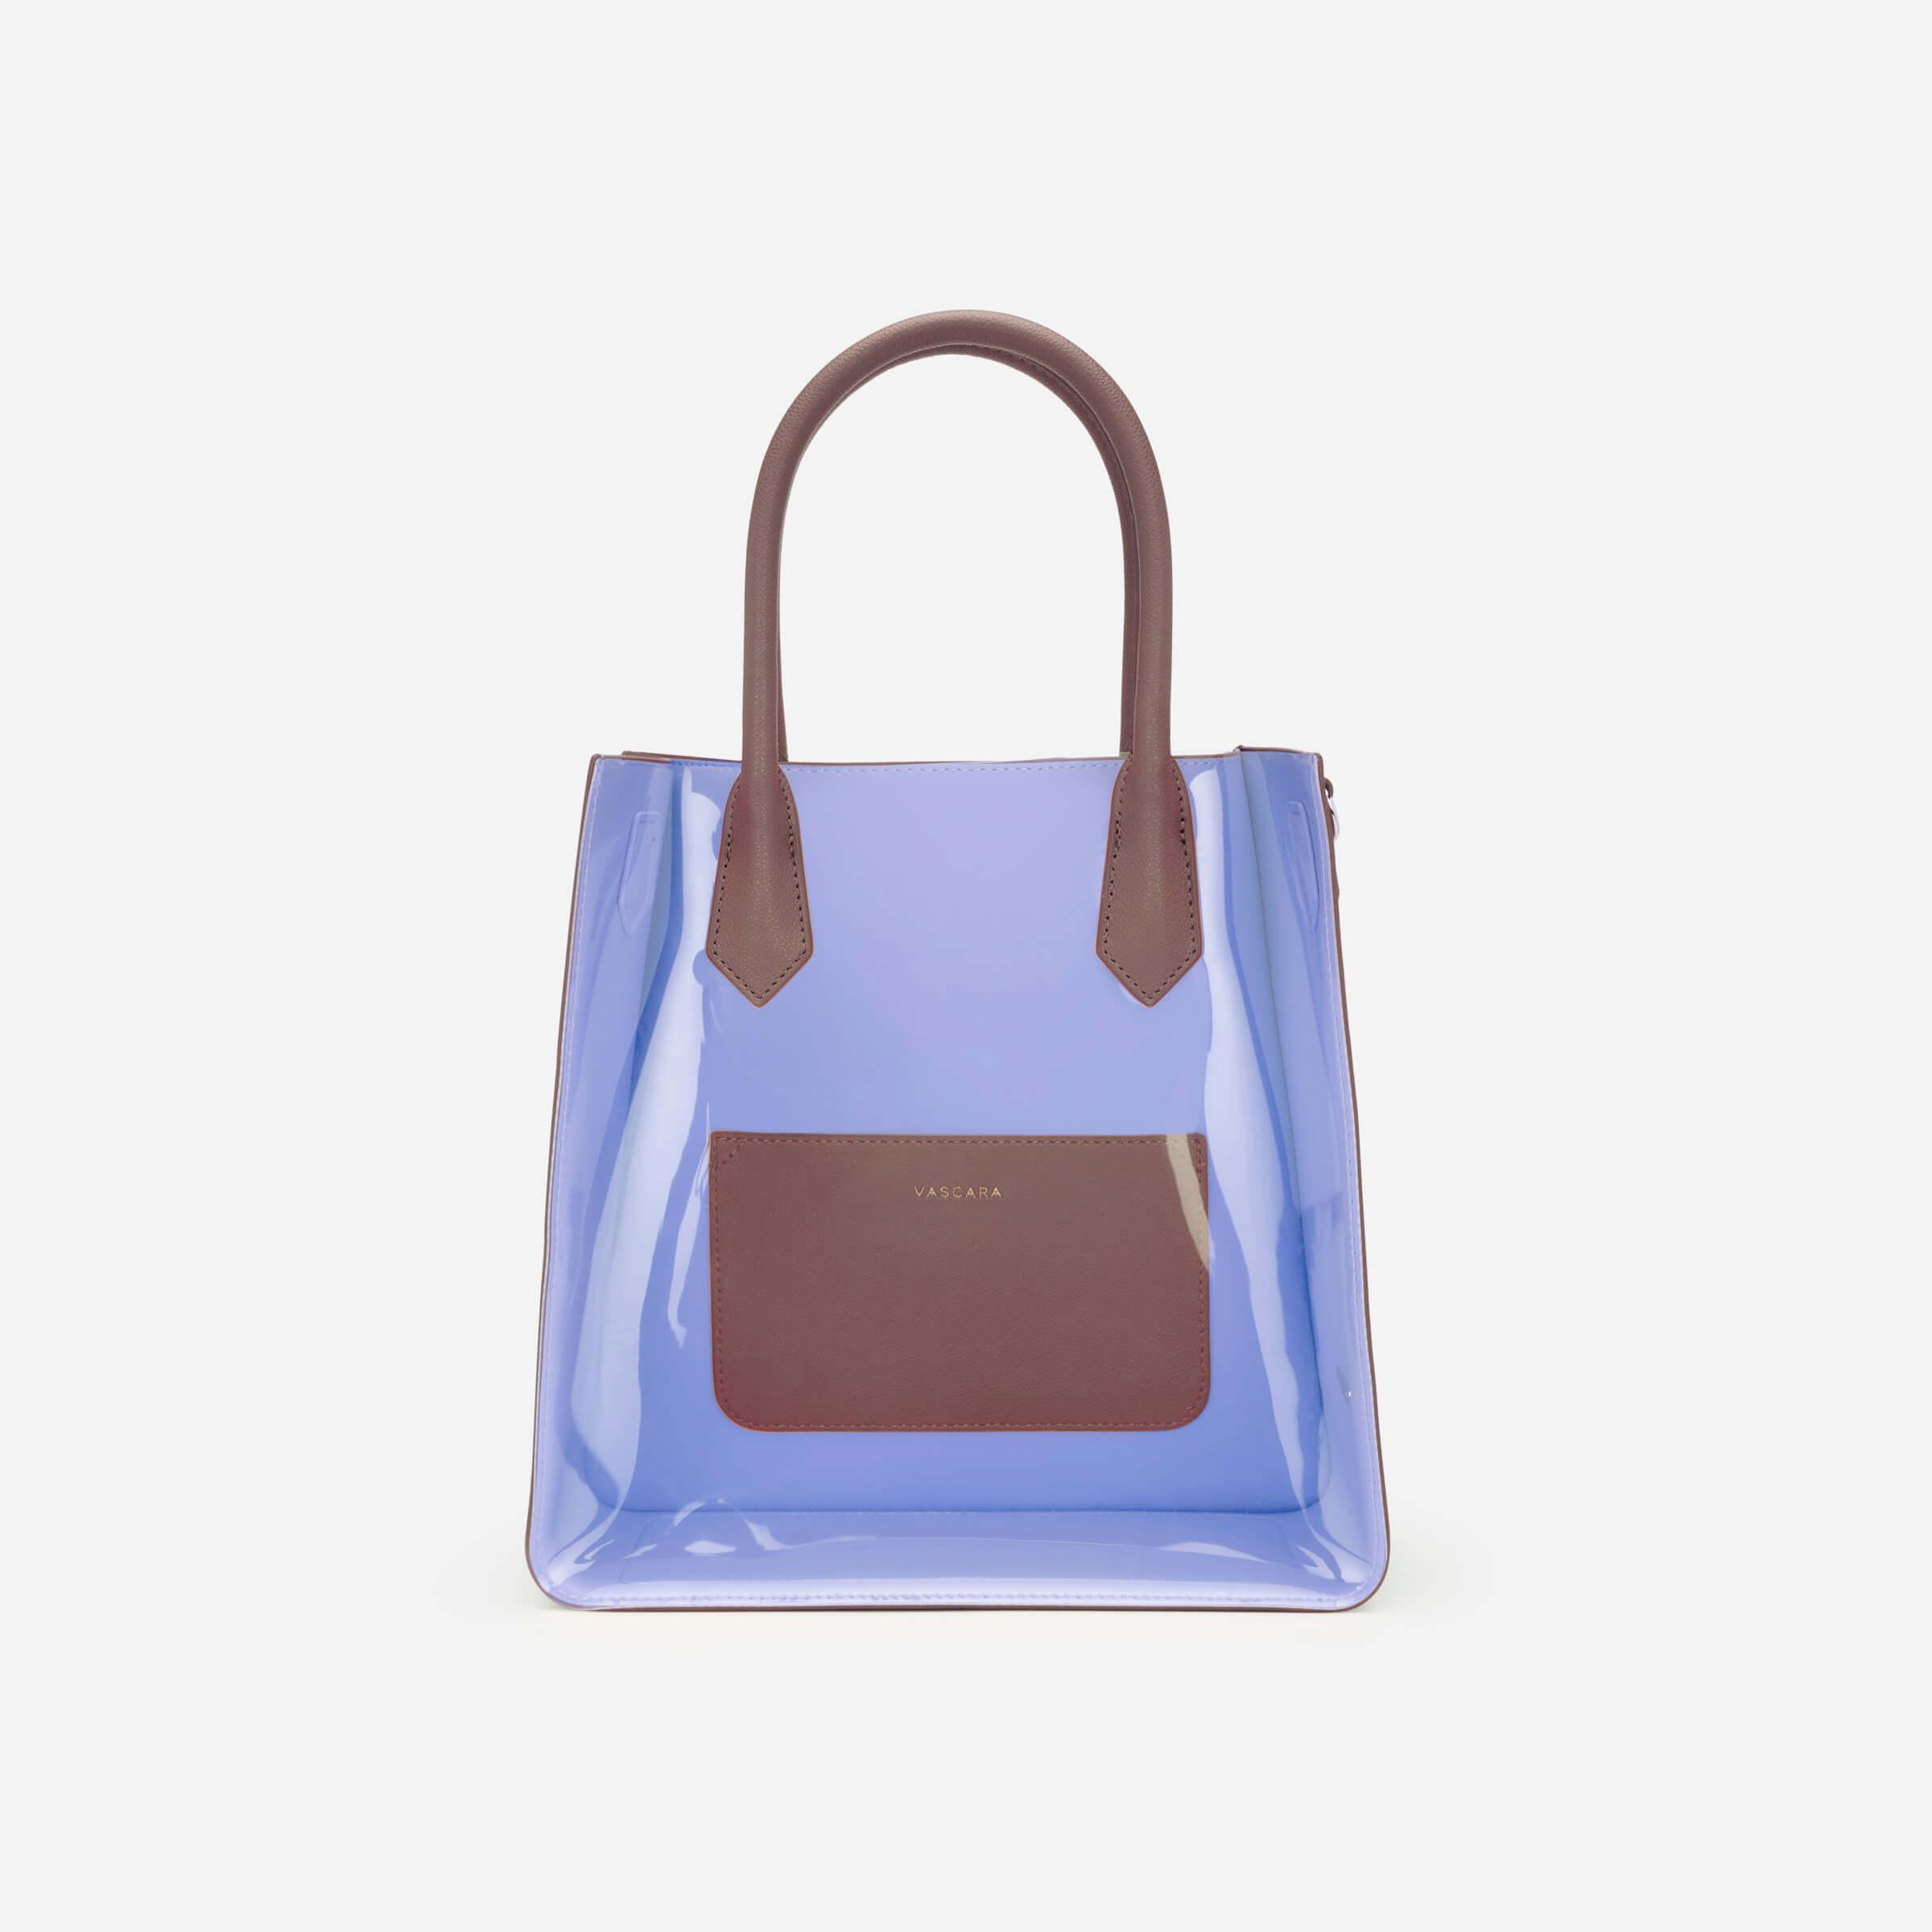 túi xách trong suốt màu tím vascara